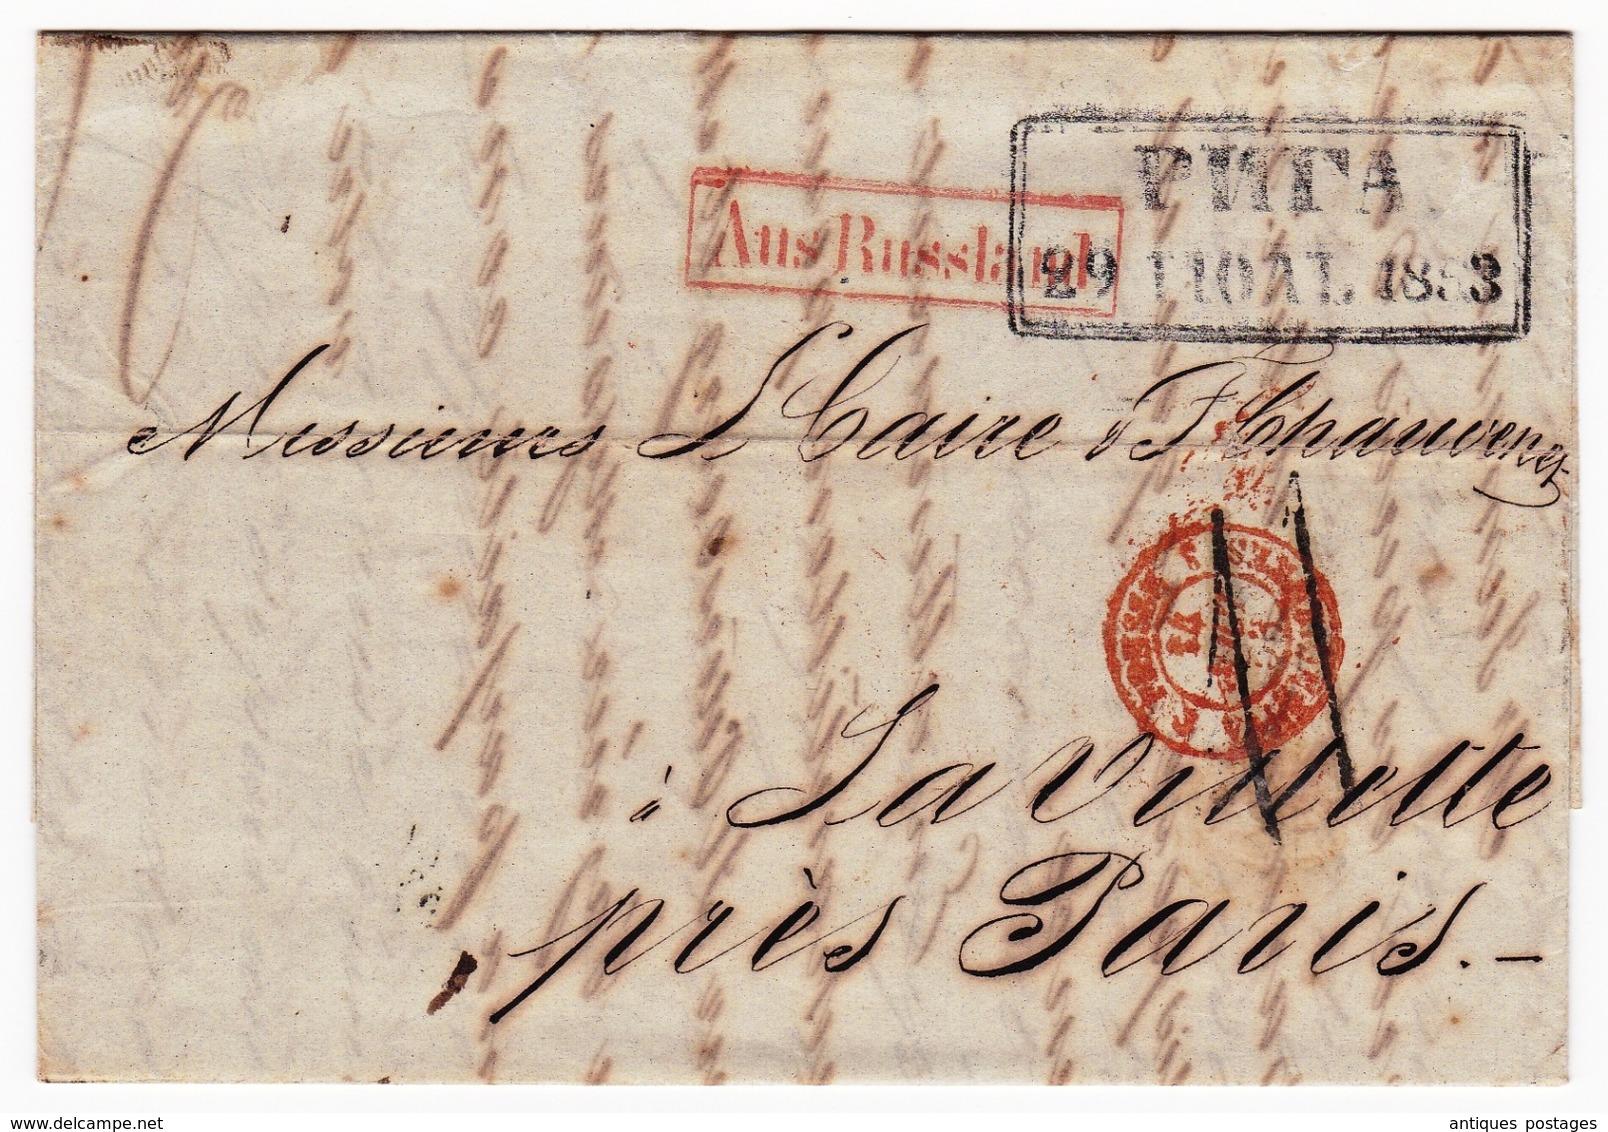 Riga 1853 Lettonie Julius Sturtz AUS RUSSLAND PRUSSE 3 VALENCIENNES 3 Papier Peint Latvija Латвия La Villette - Letland